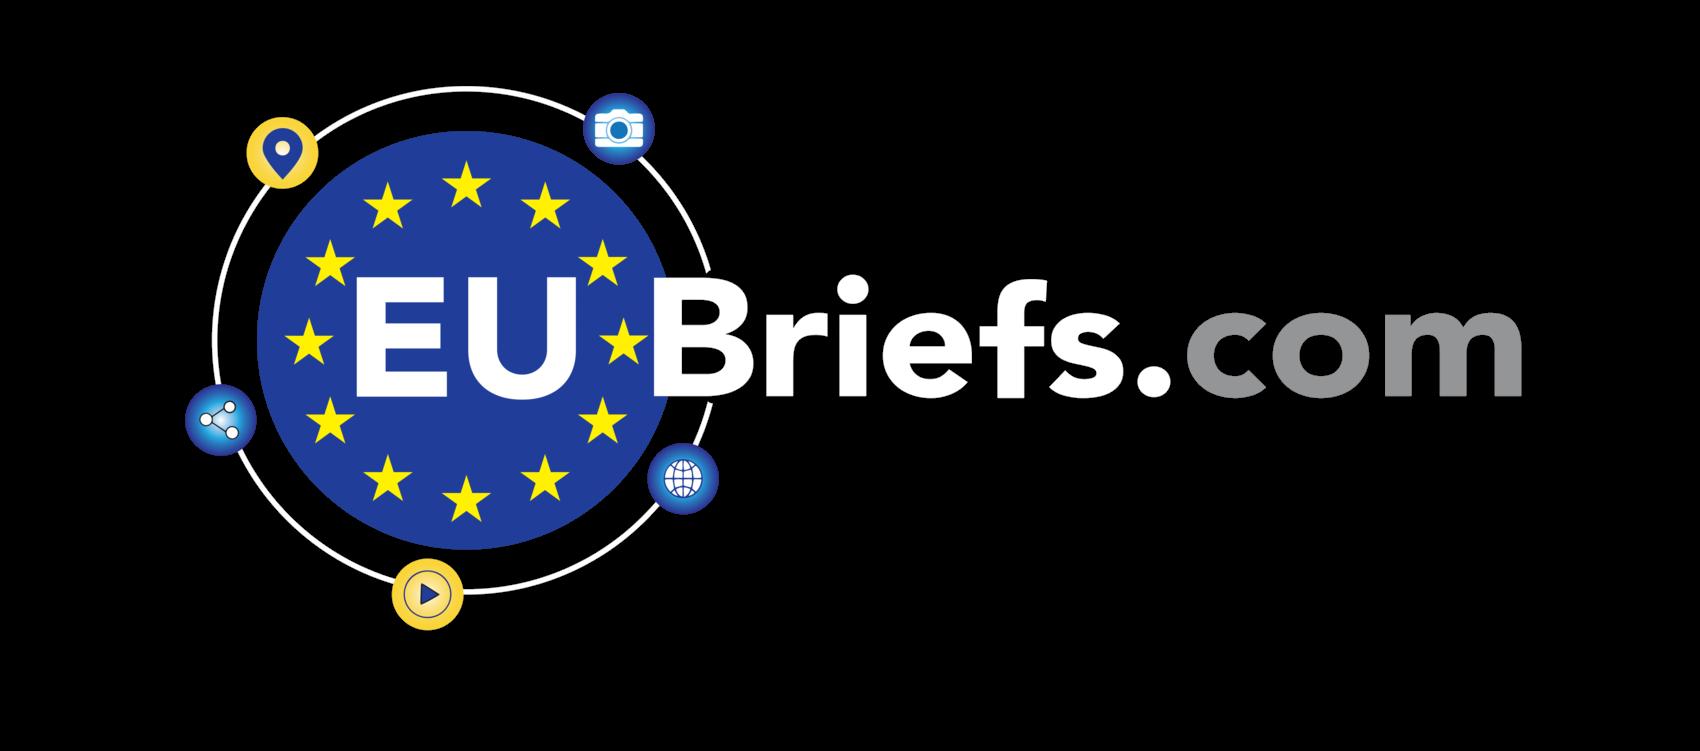 EU Briefs